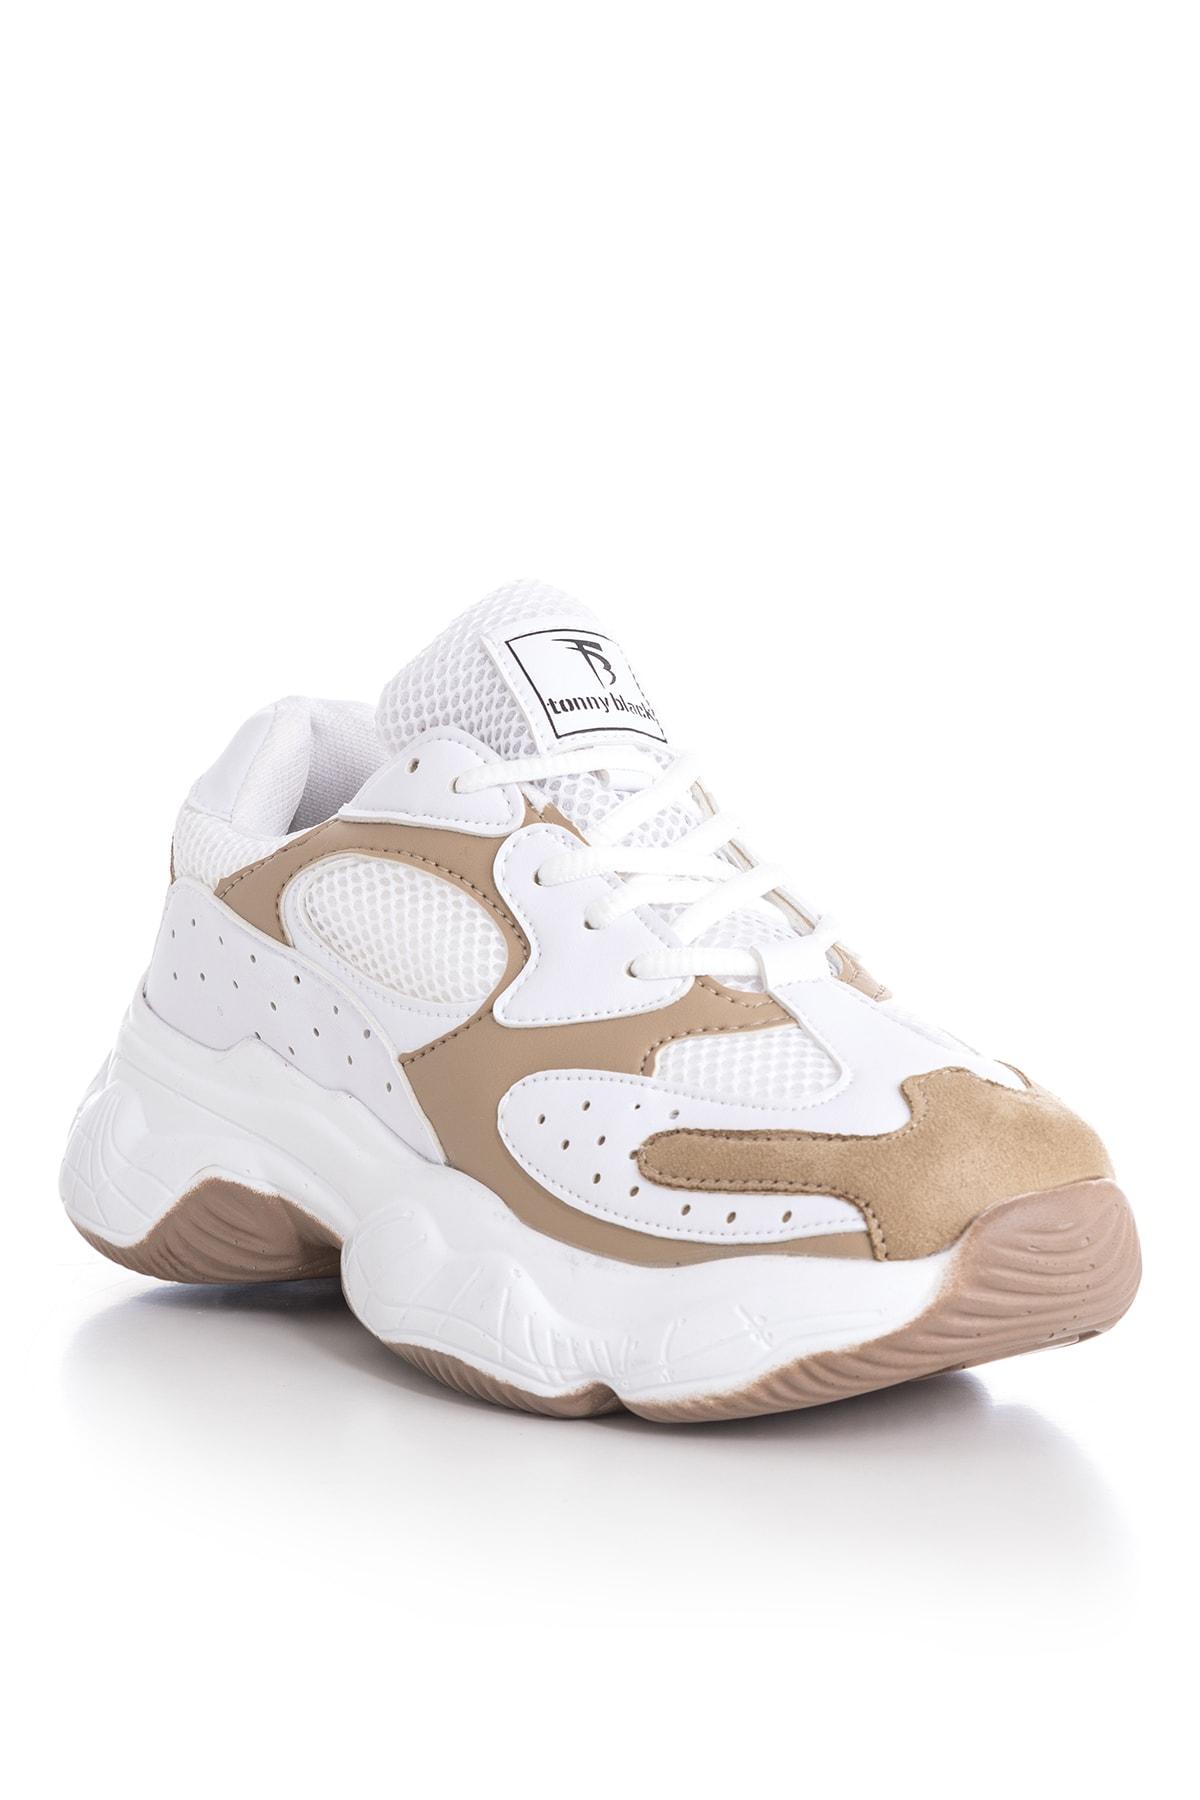 Tonny Black Bayan Spor Ayakkabı Beyaz Toprak Tb284 -> 38 -> Beyaz Toprak 2